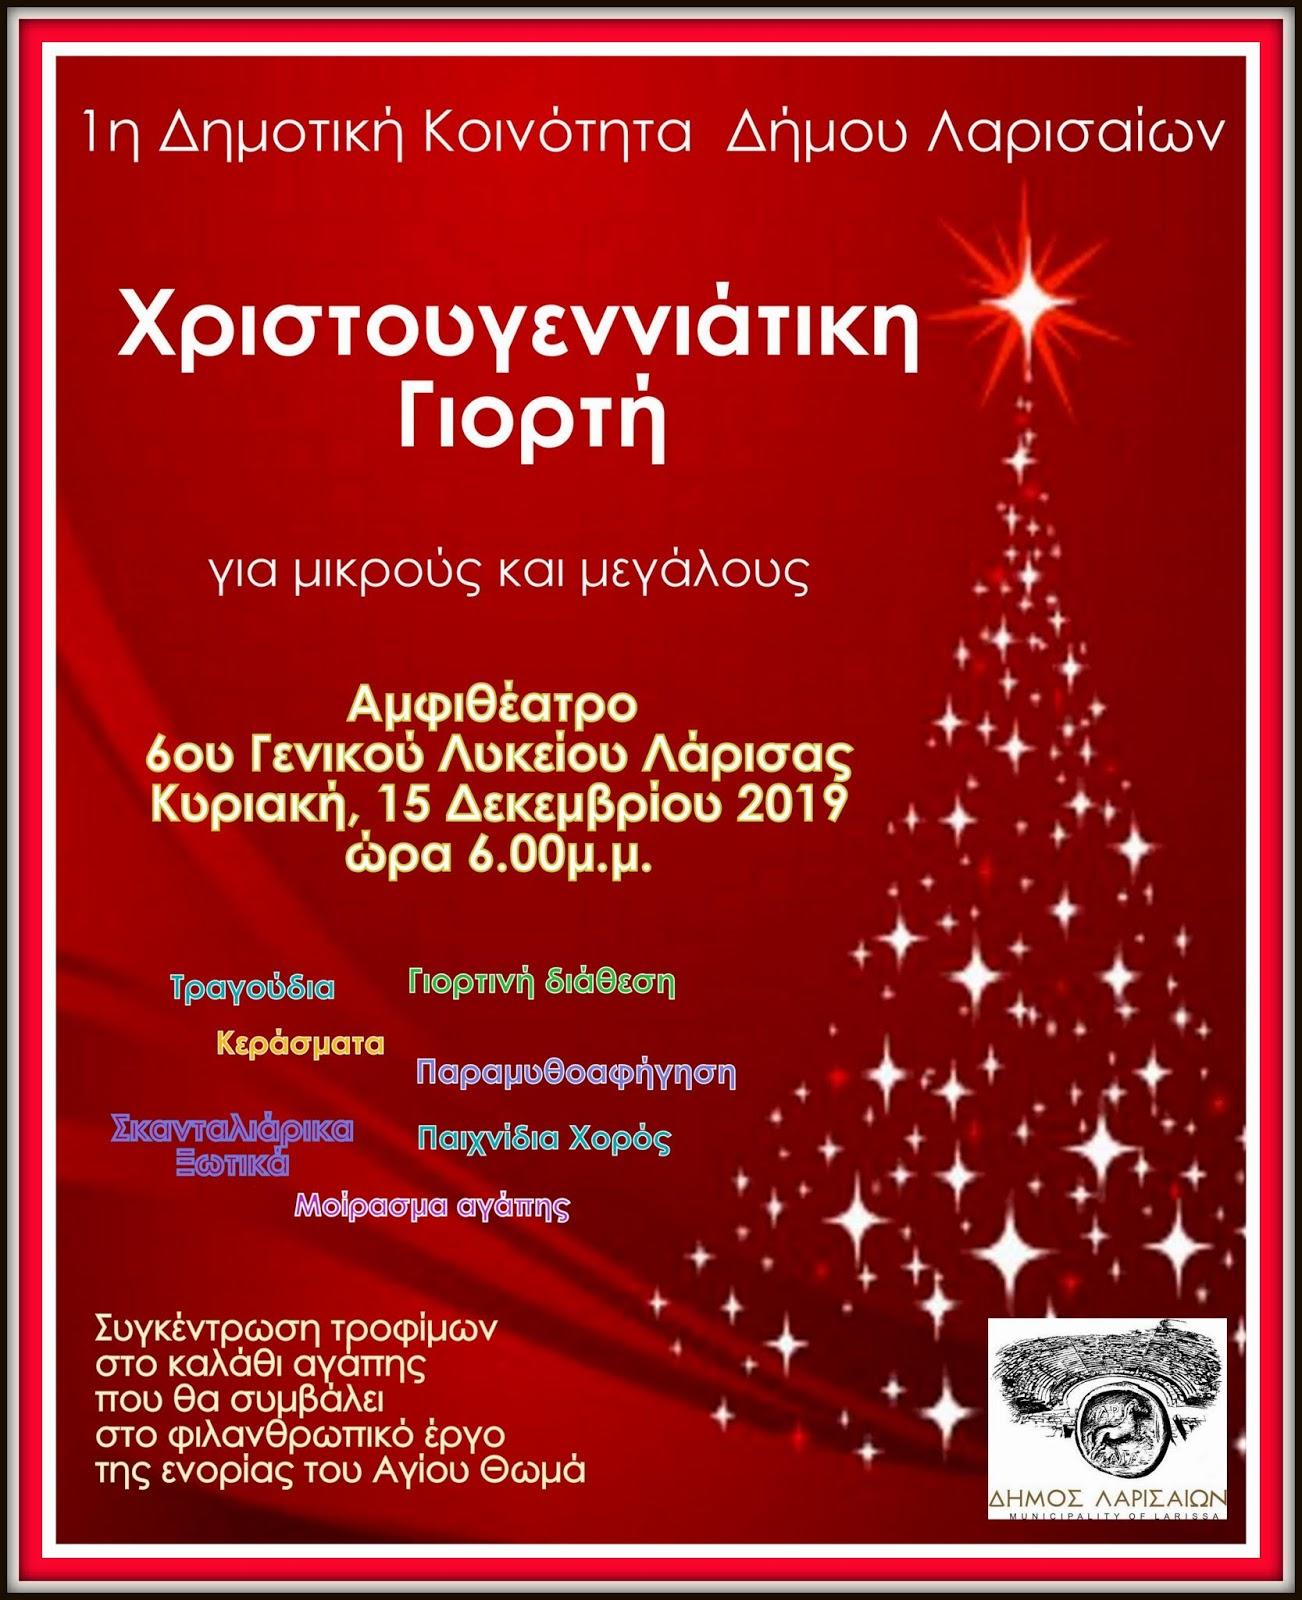 Χριστουγεννιάτικη γιορτή 1ης Δημοτικής Κοινότητας Δήμου Λαρισαίων